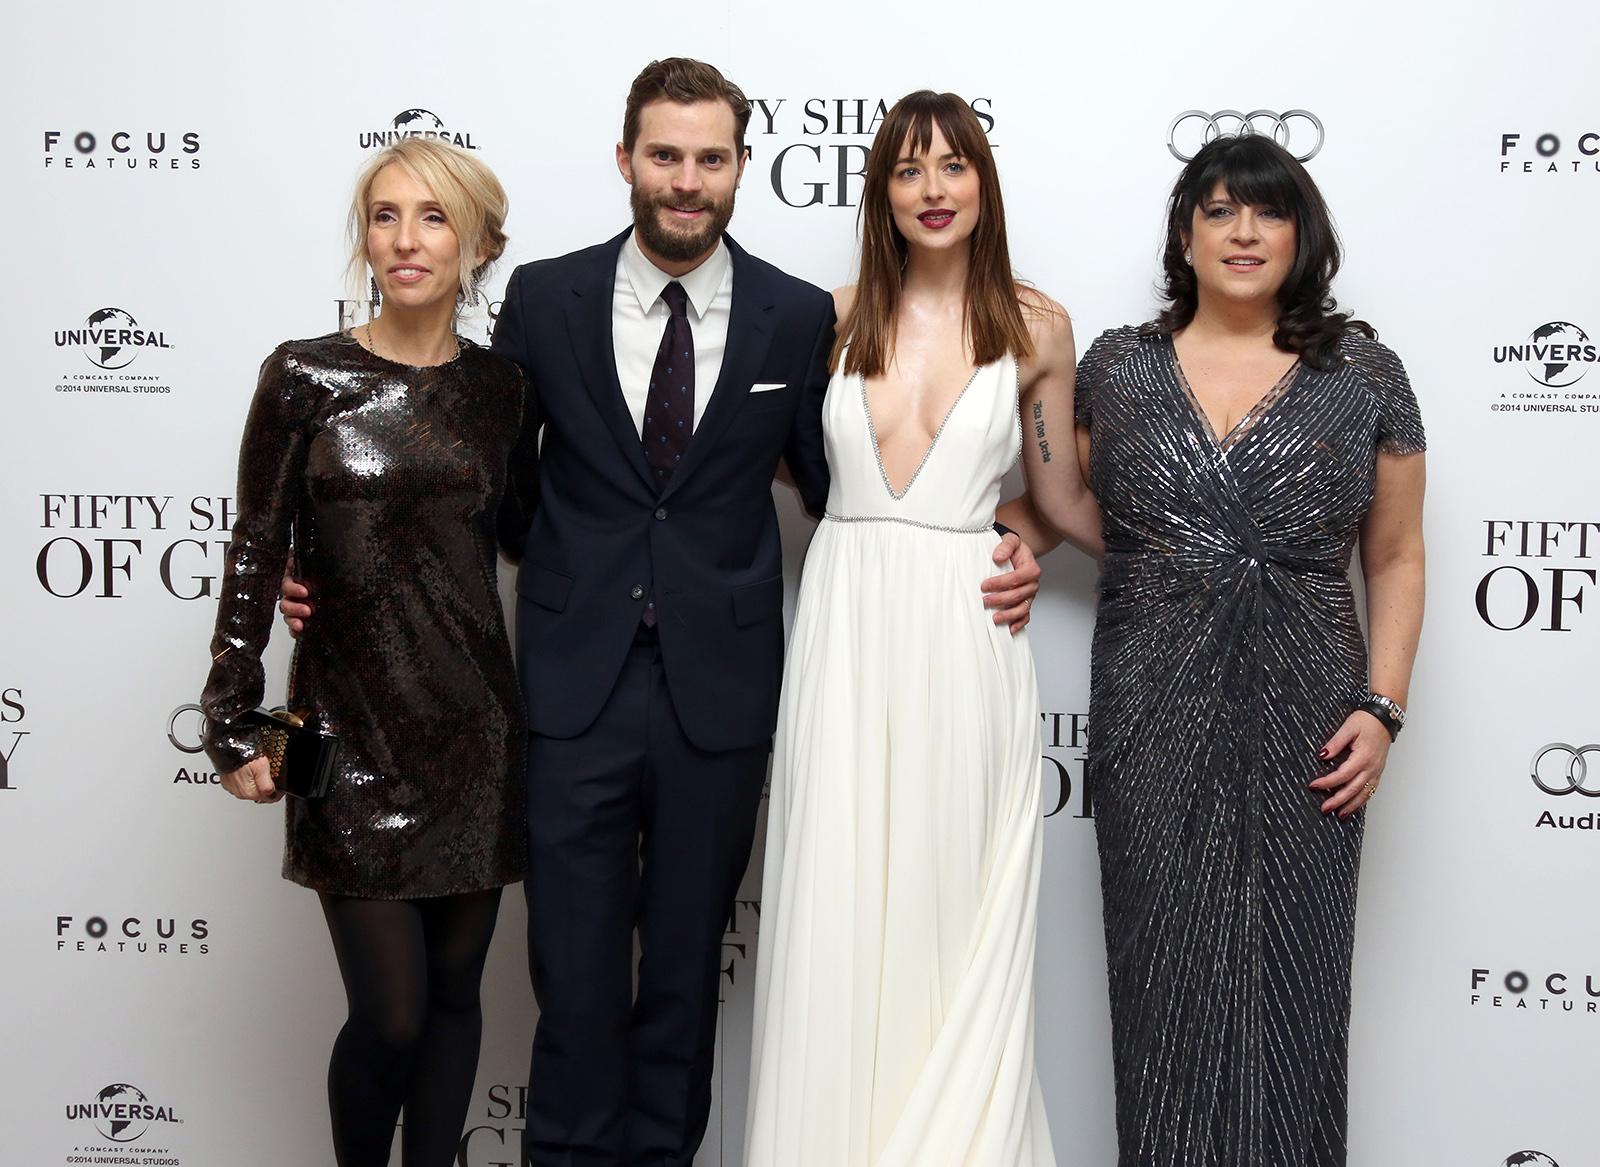 Fifty Shades Of Grey ähnliche Filme